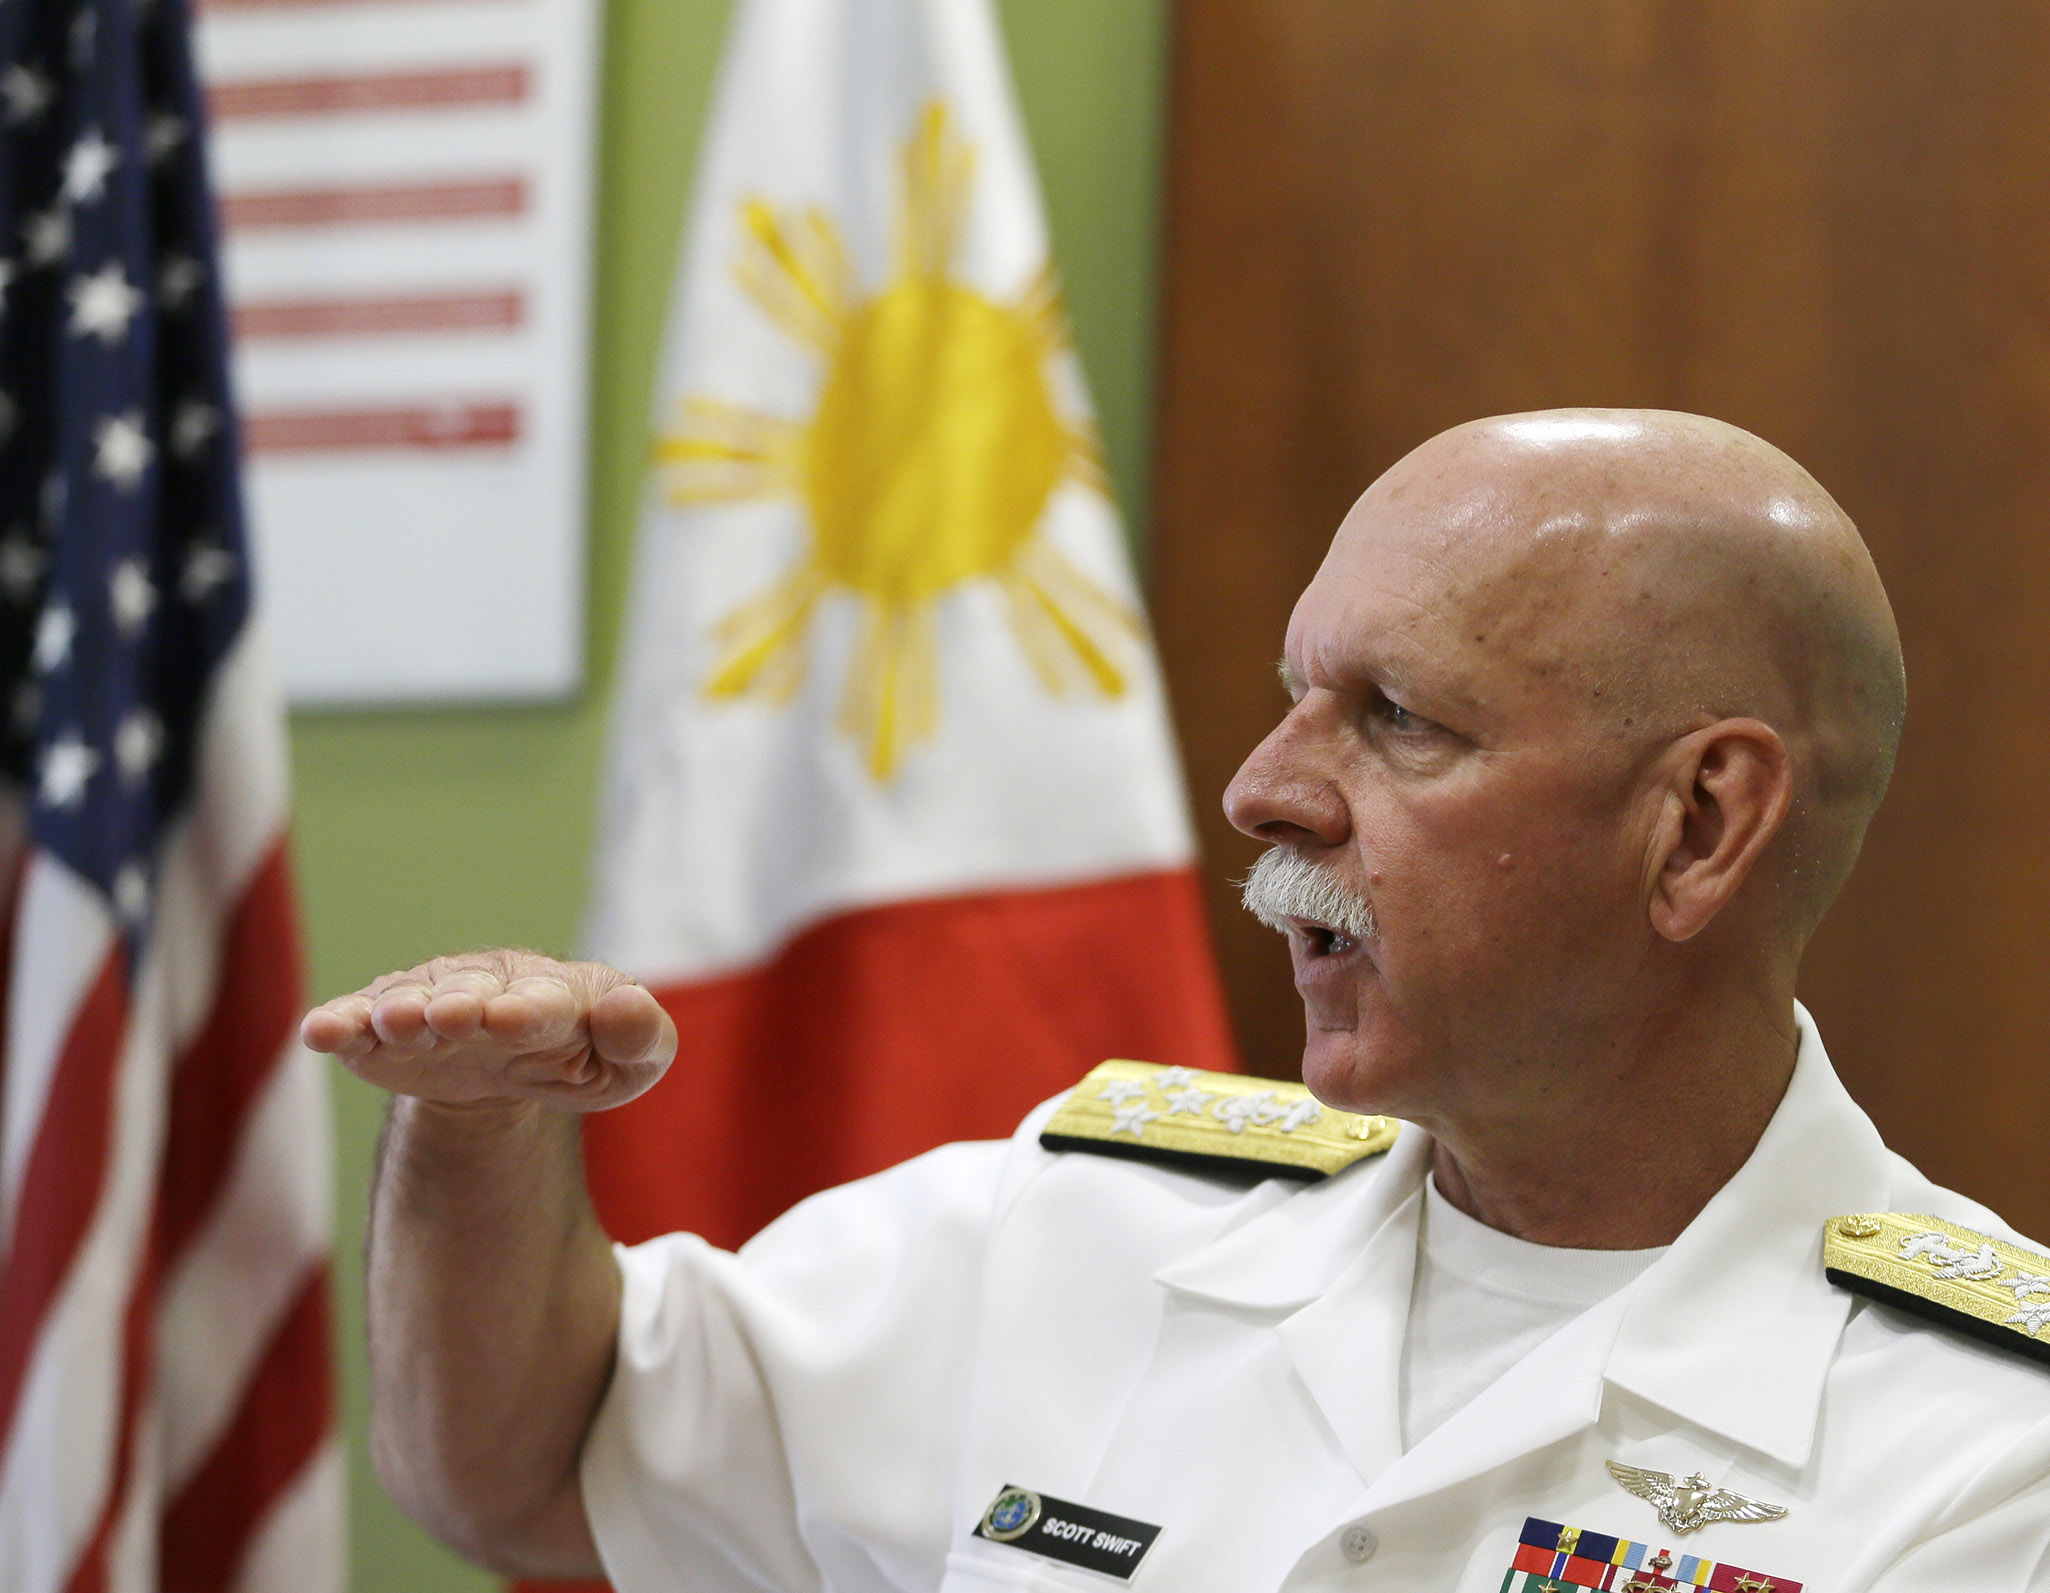 美太平洋舰队司令黯然退役 或与美军舰事故有关